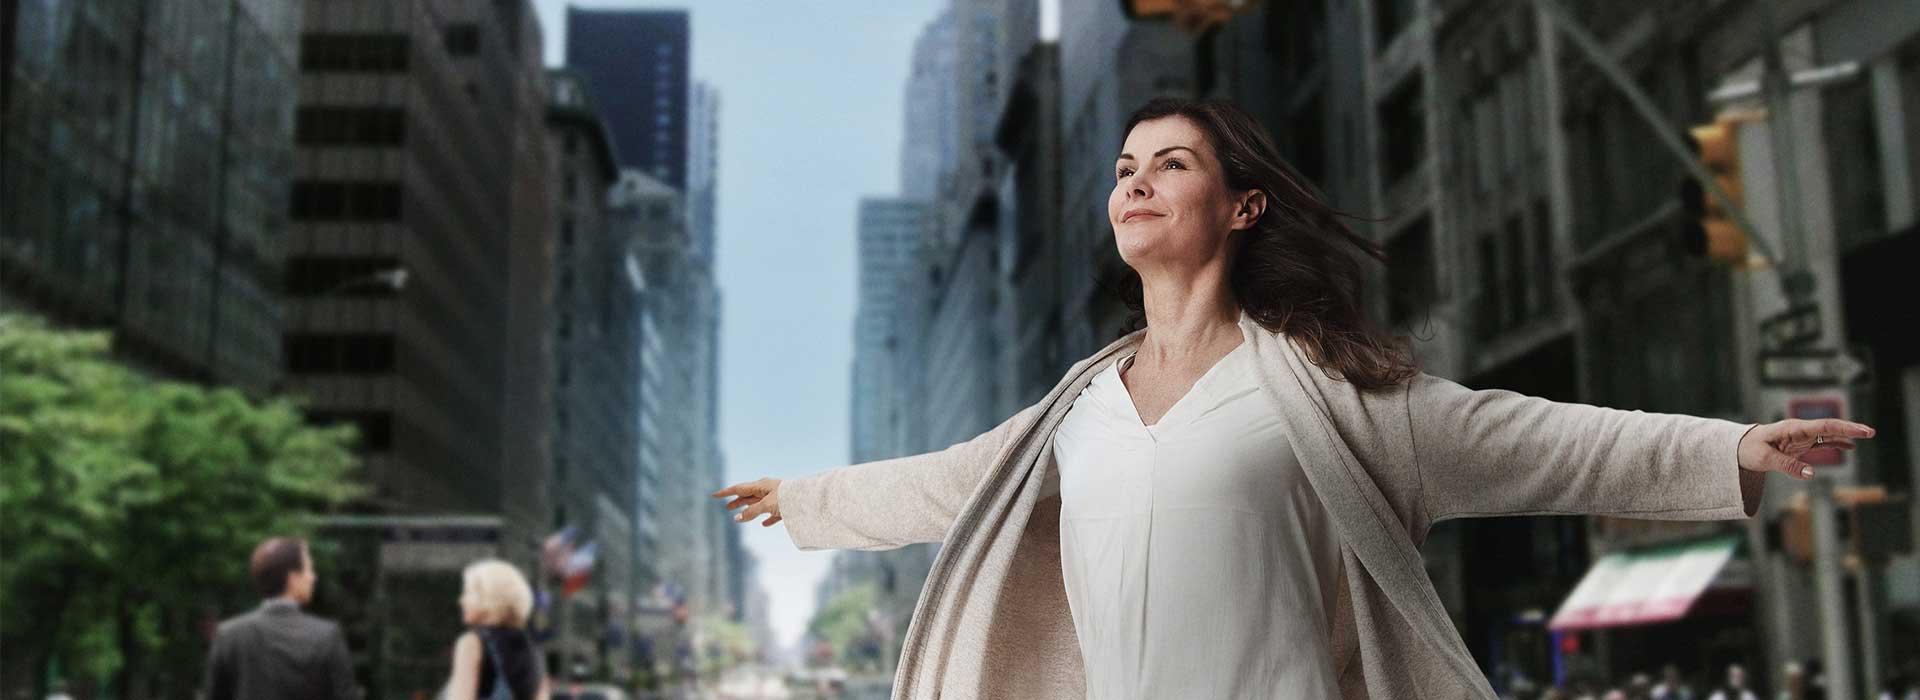 Una donna distende le braccia e si sente libera